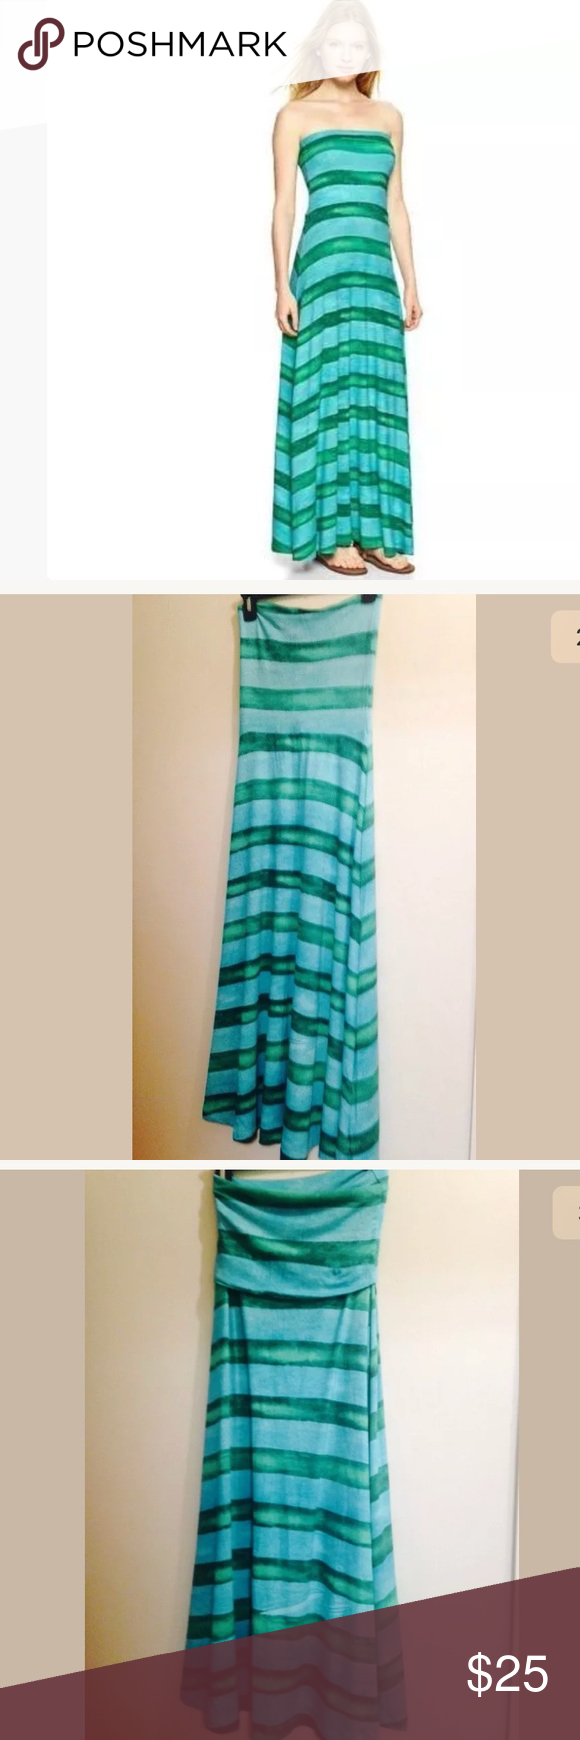 Gap Blue Green Striped 4 In 1 Maxi Dress Maxi Dress Dress Brands Gap Dress [ 1740 x 580 Pixel ]